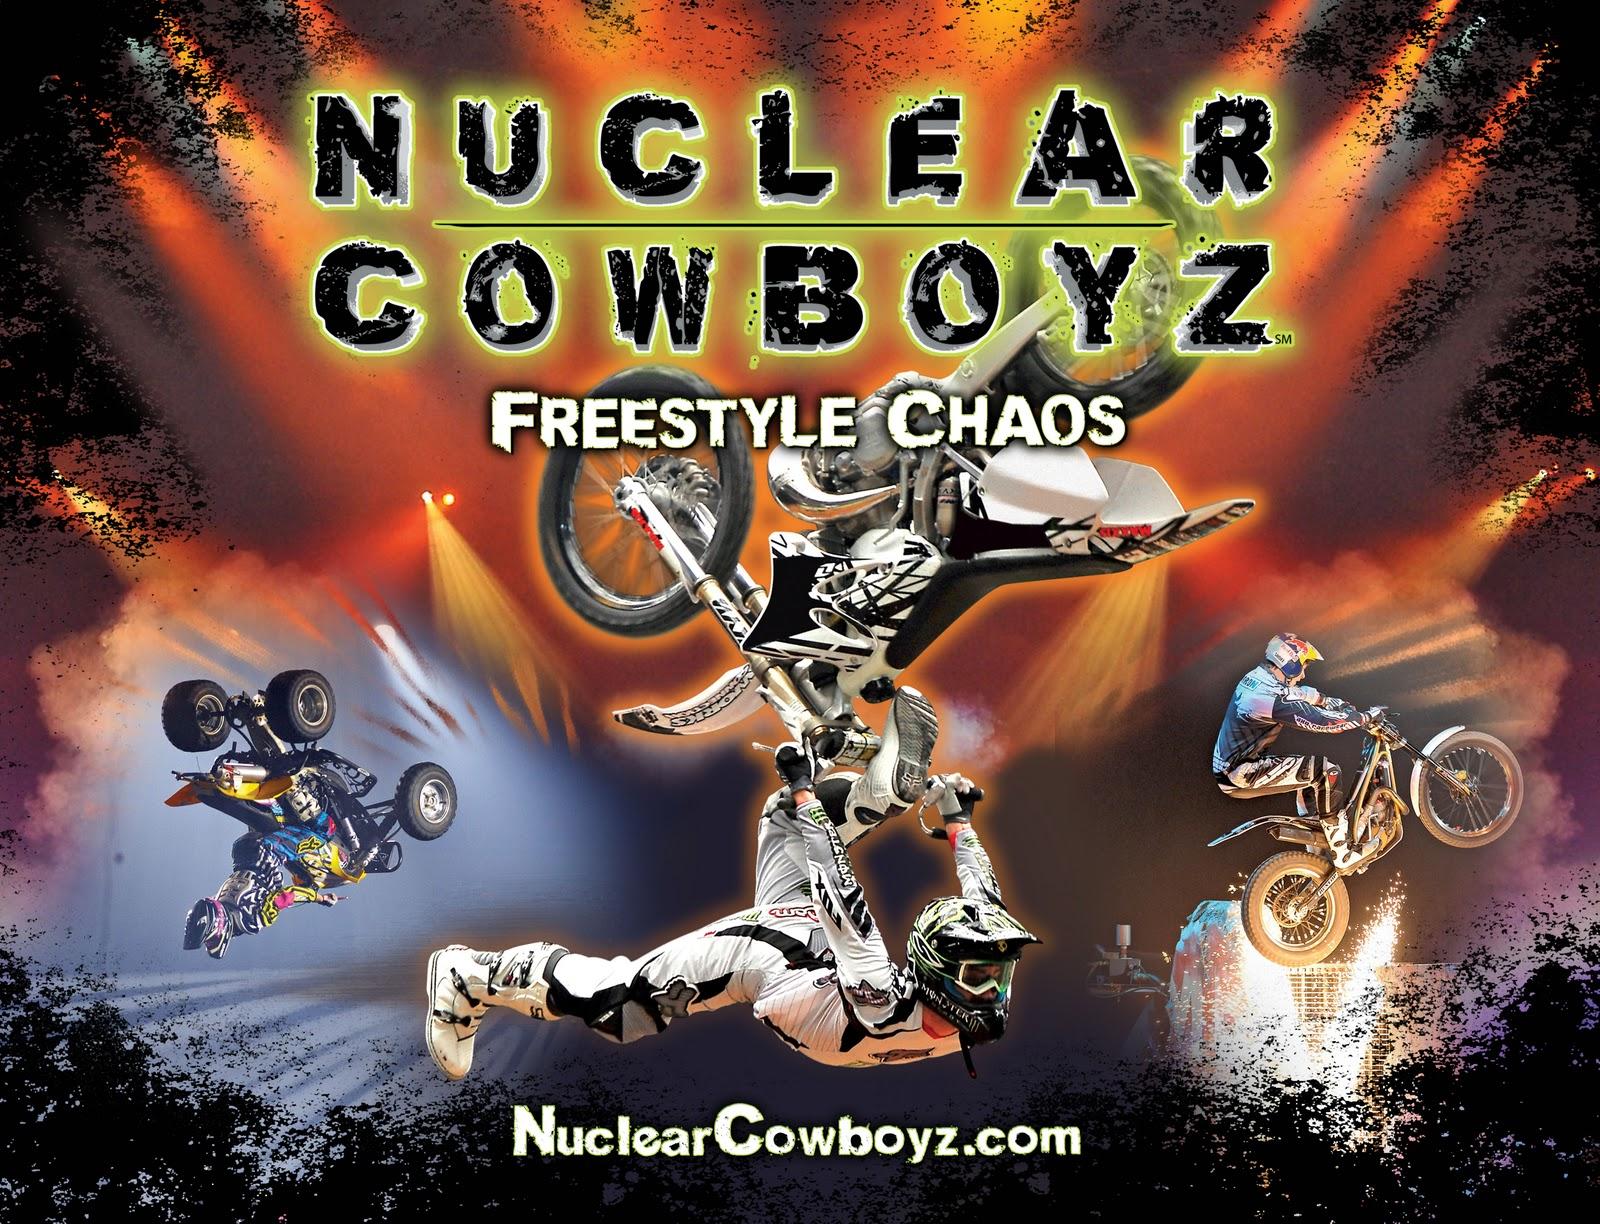 http://1.bp.blogspot.com/-uS_ziLqyFcU/T0f0YSLakkI/AAAAAAAAAeE/Du6n5GG_08E/s1600/Nuclear_Cowboyz_Web_Giveaway.jpg